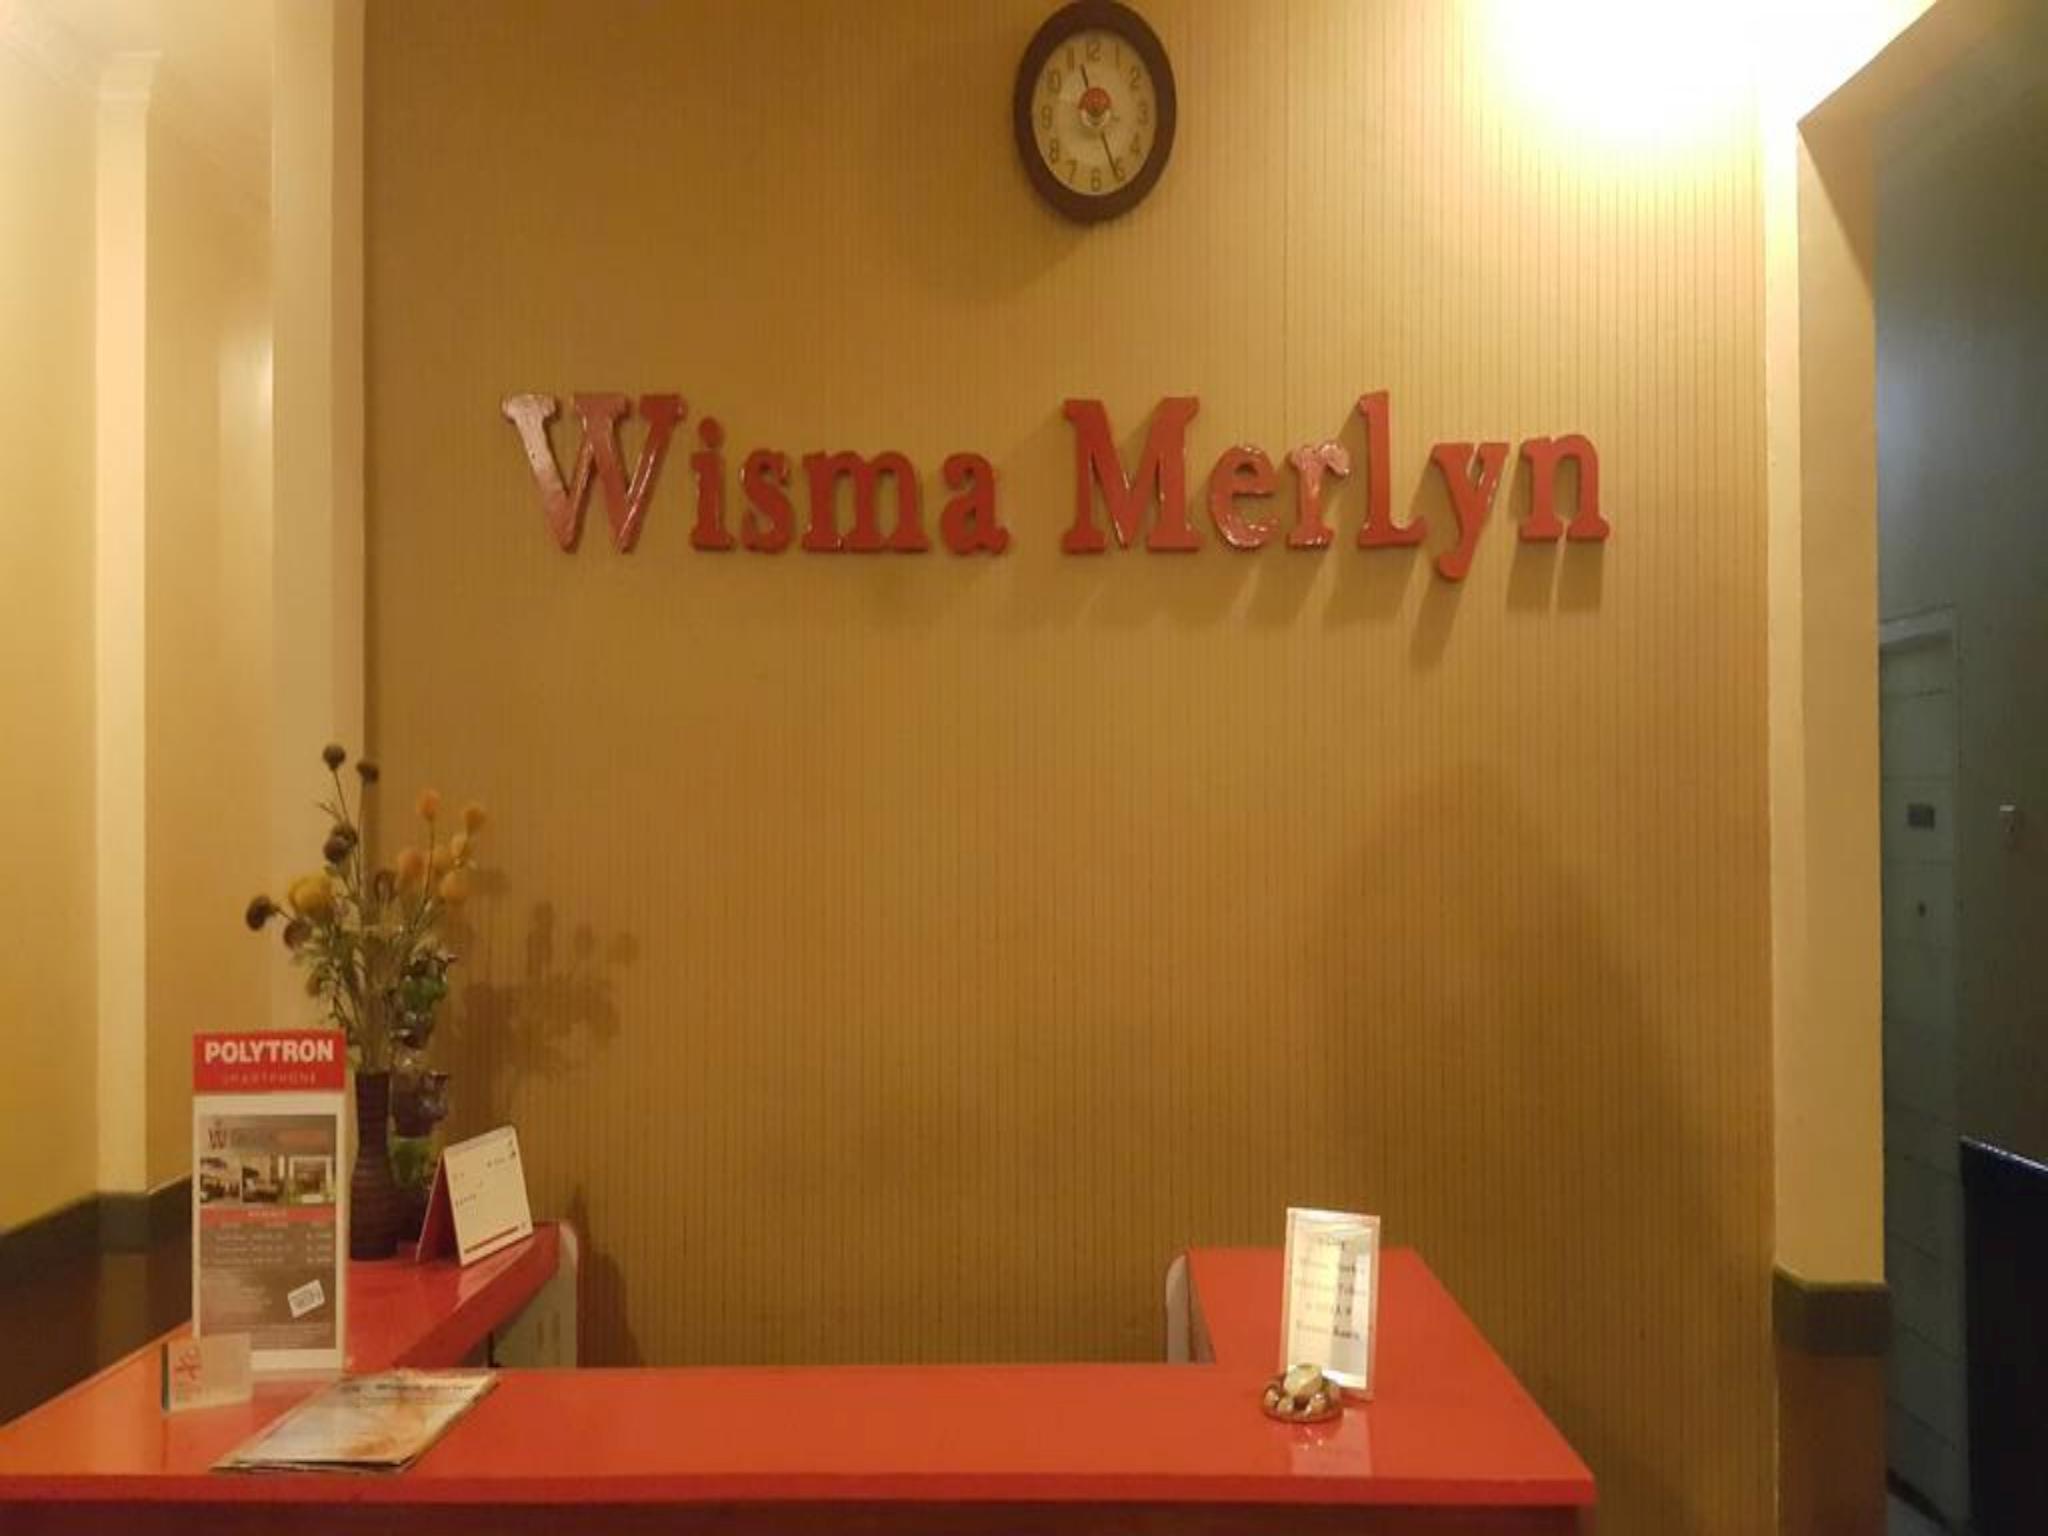 WISMA MERLYN